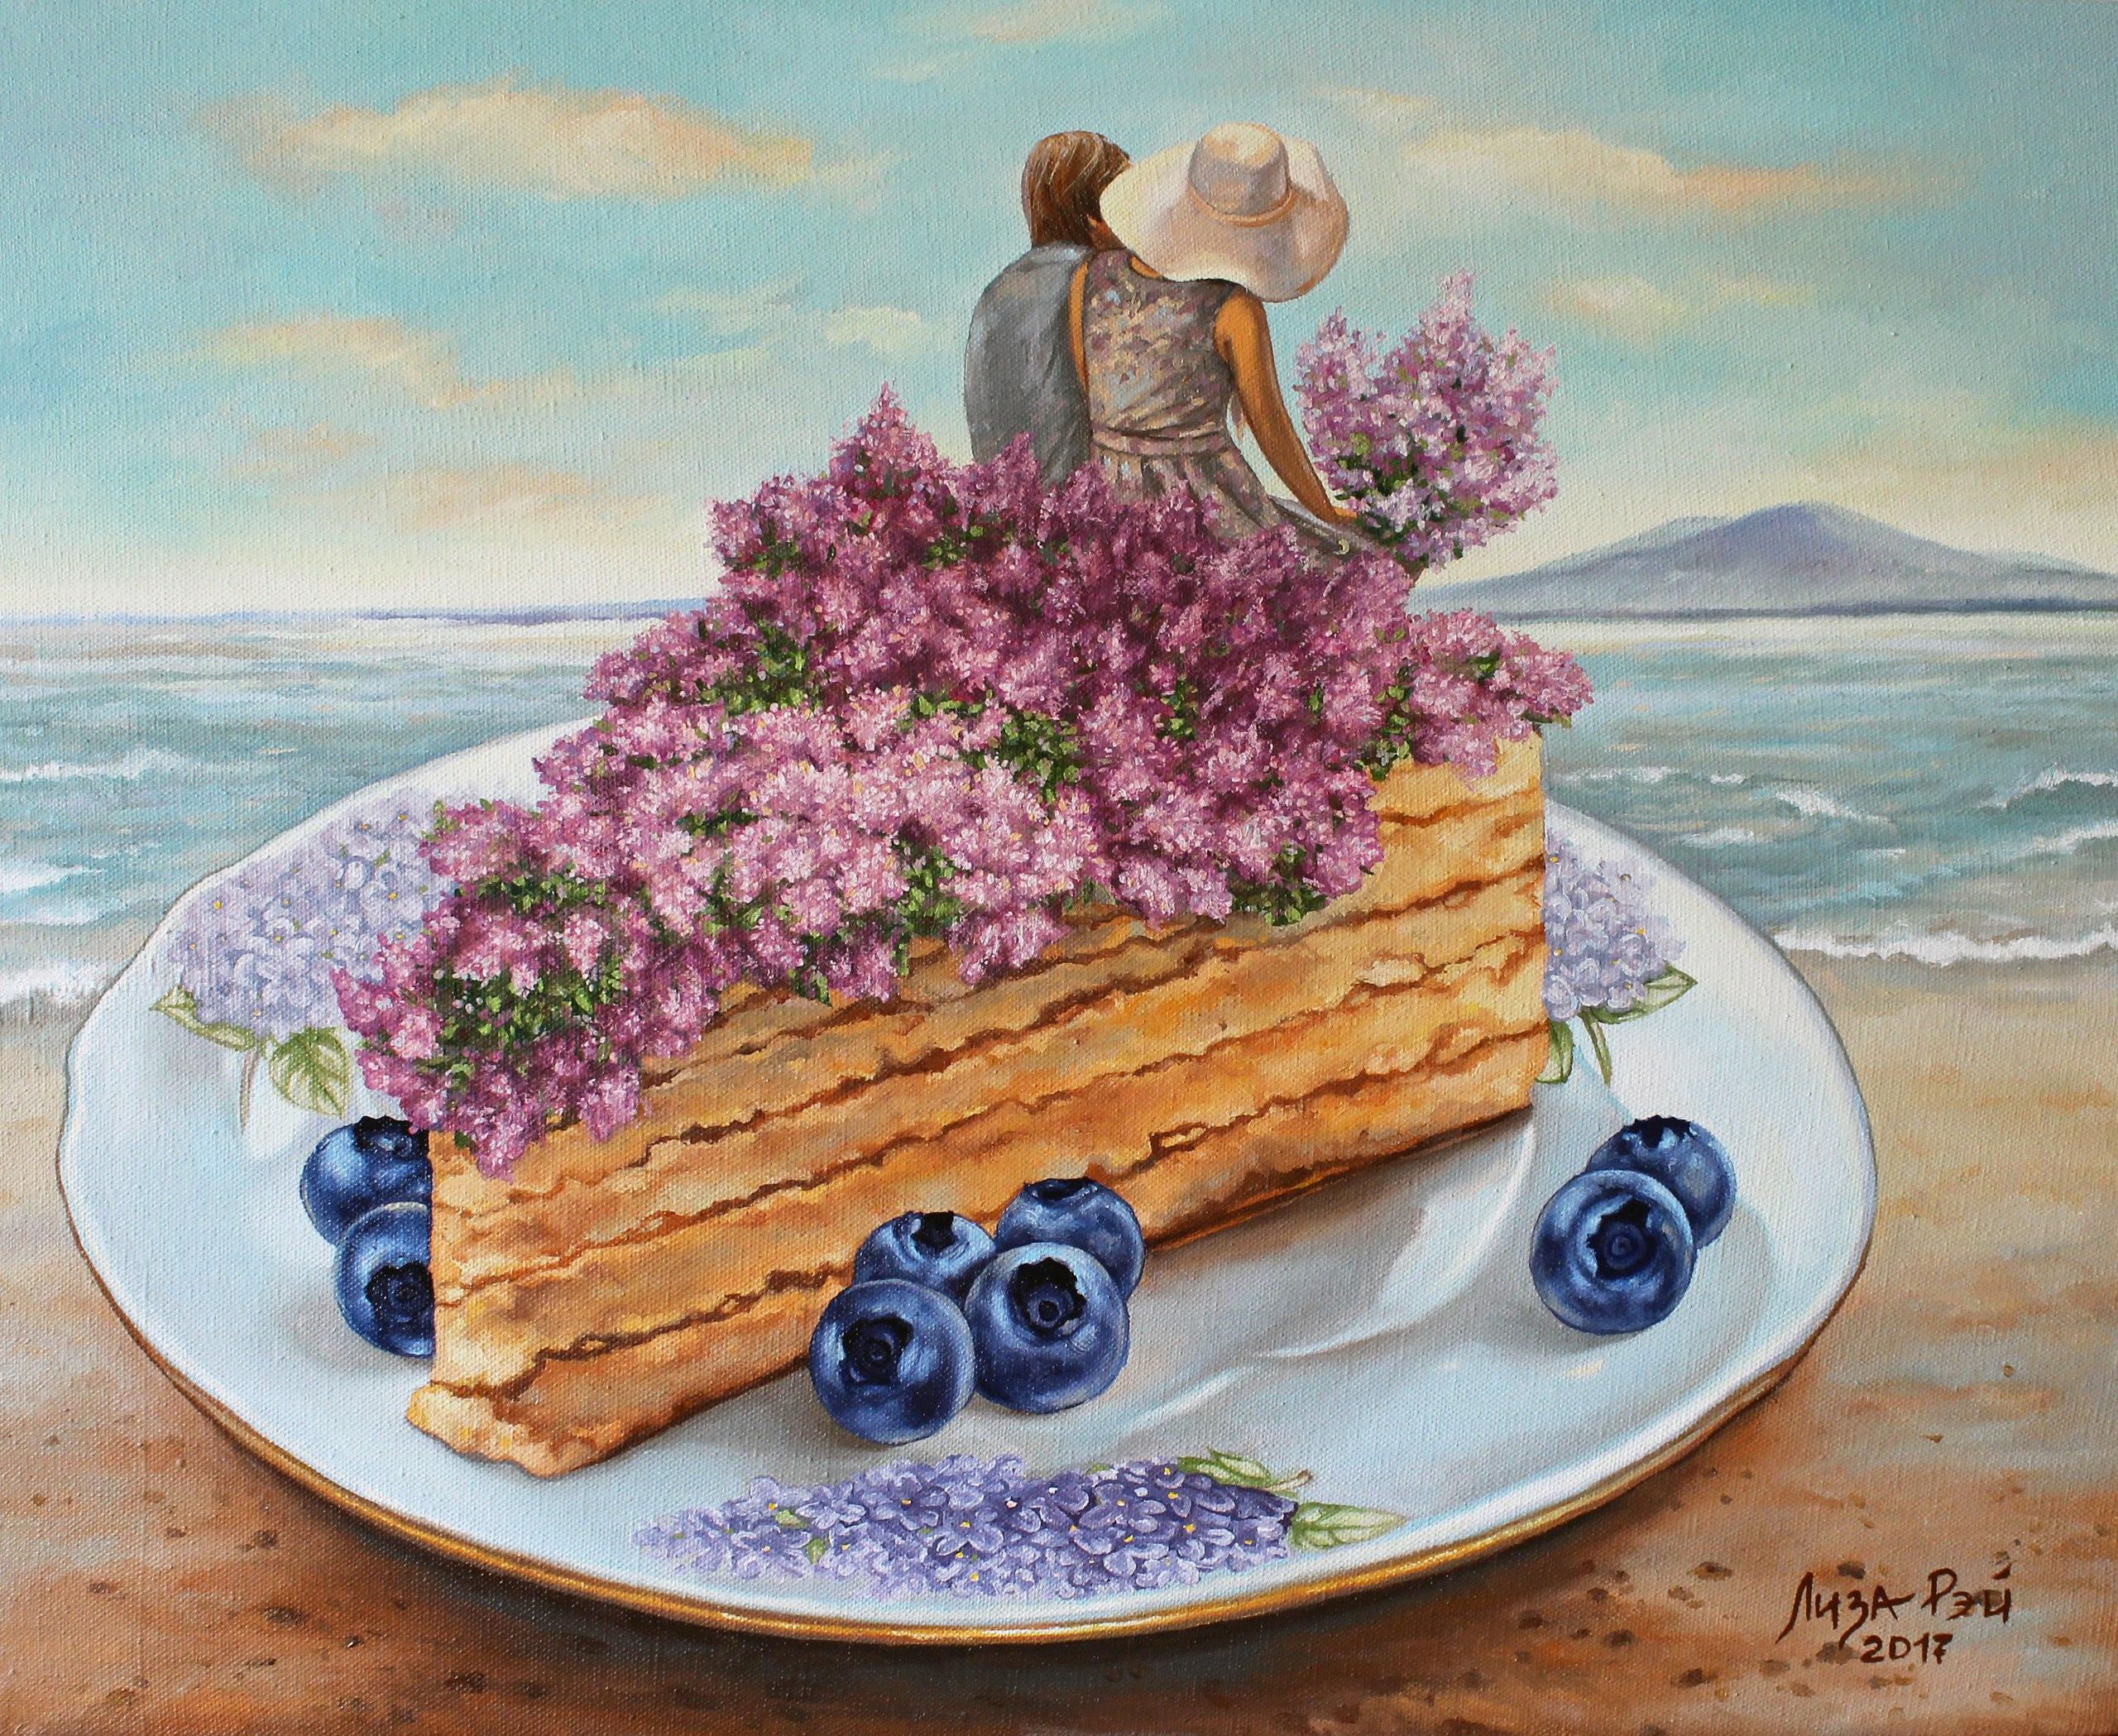 Фото Парень и девушка с букетом сирени смотрят на море сидя на кусочке торта, лежащем на тарелке среди ягод черники, художница Лиза Рэй